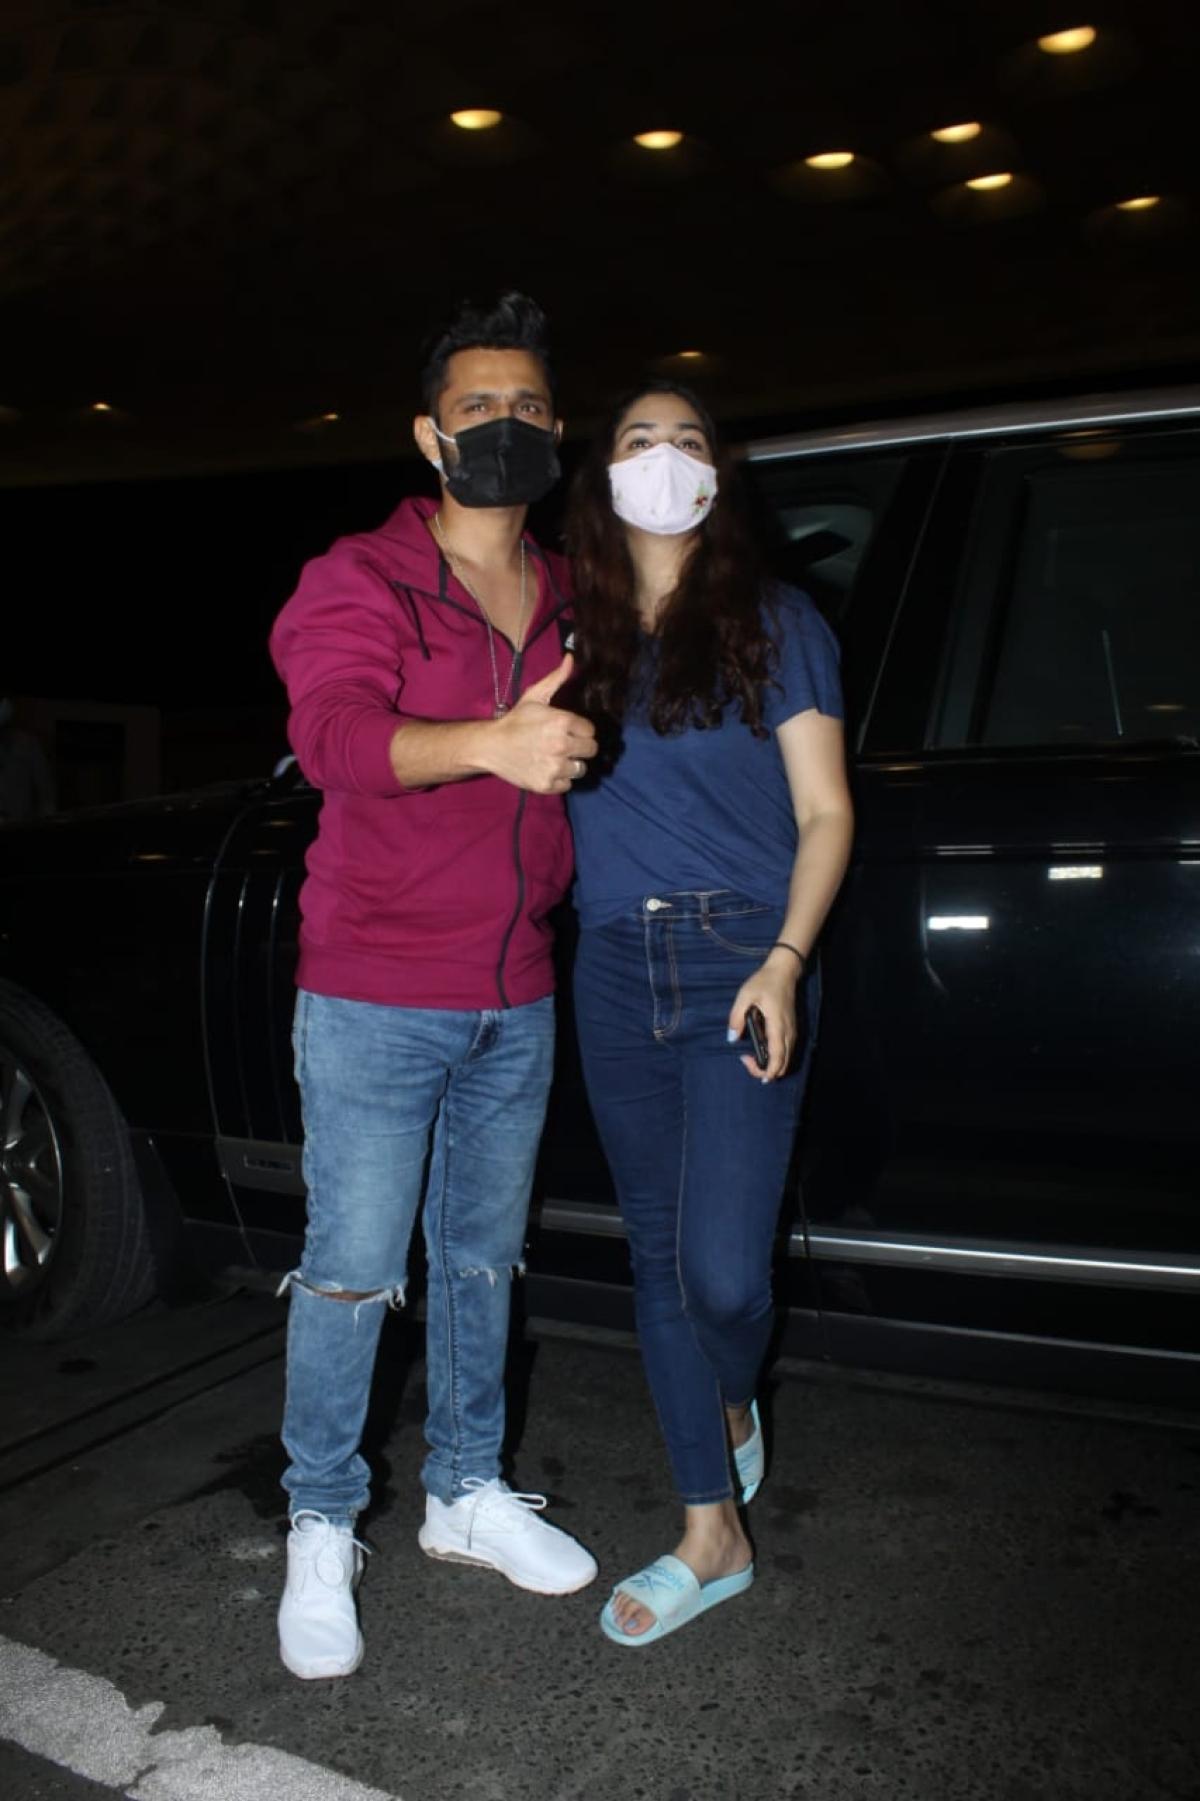 'So much drama for camera': Trolls react to Rahul Vaidya-Disha Parmar's PDA at Mumbai airport